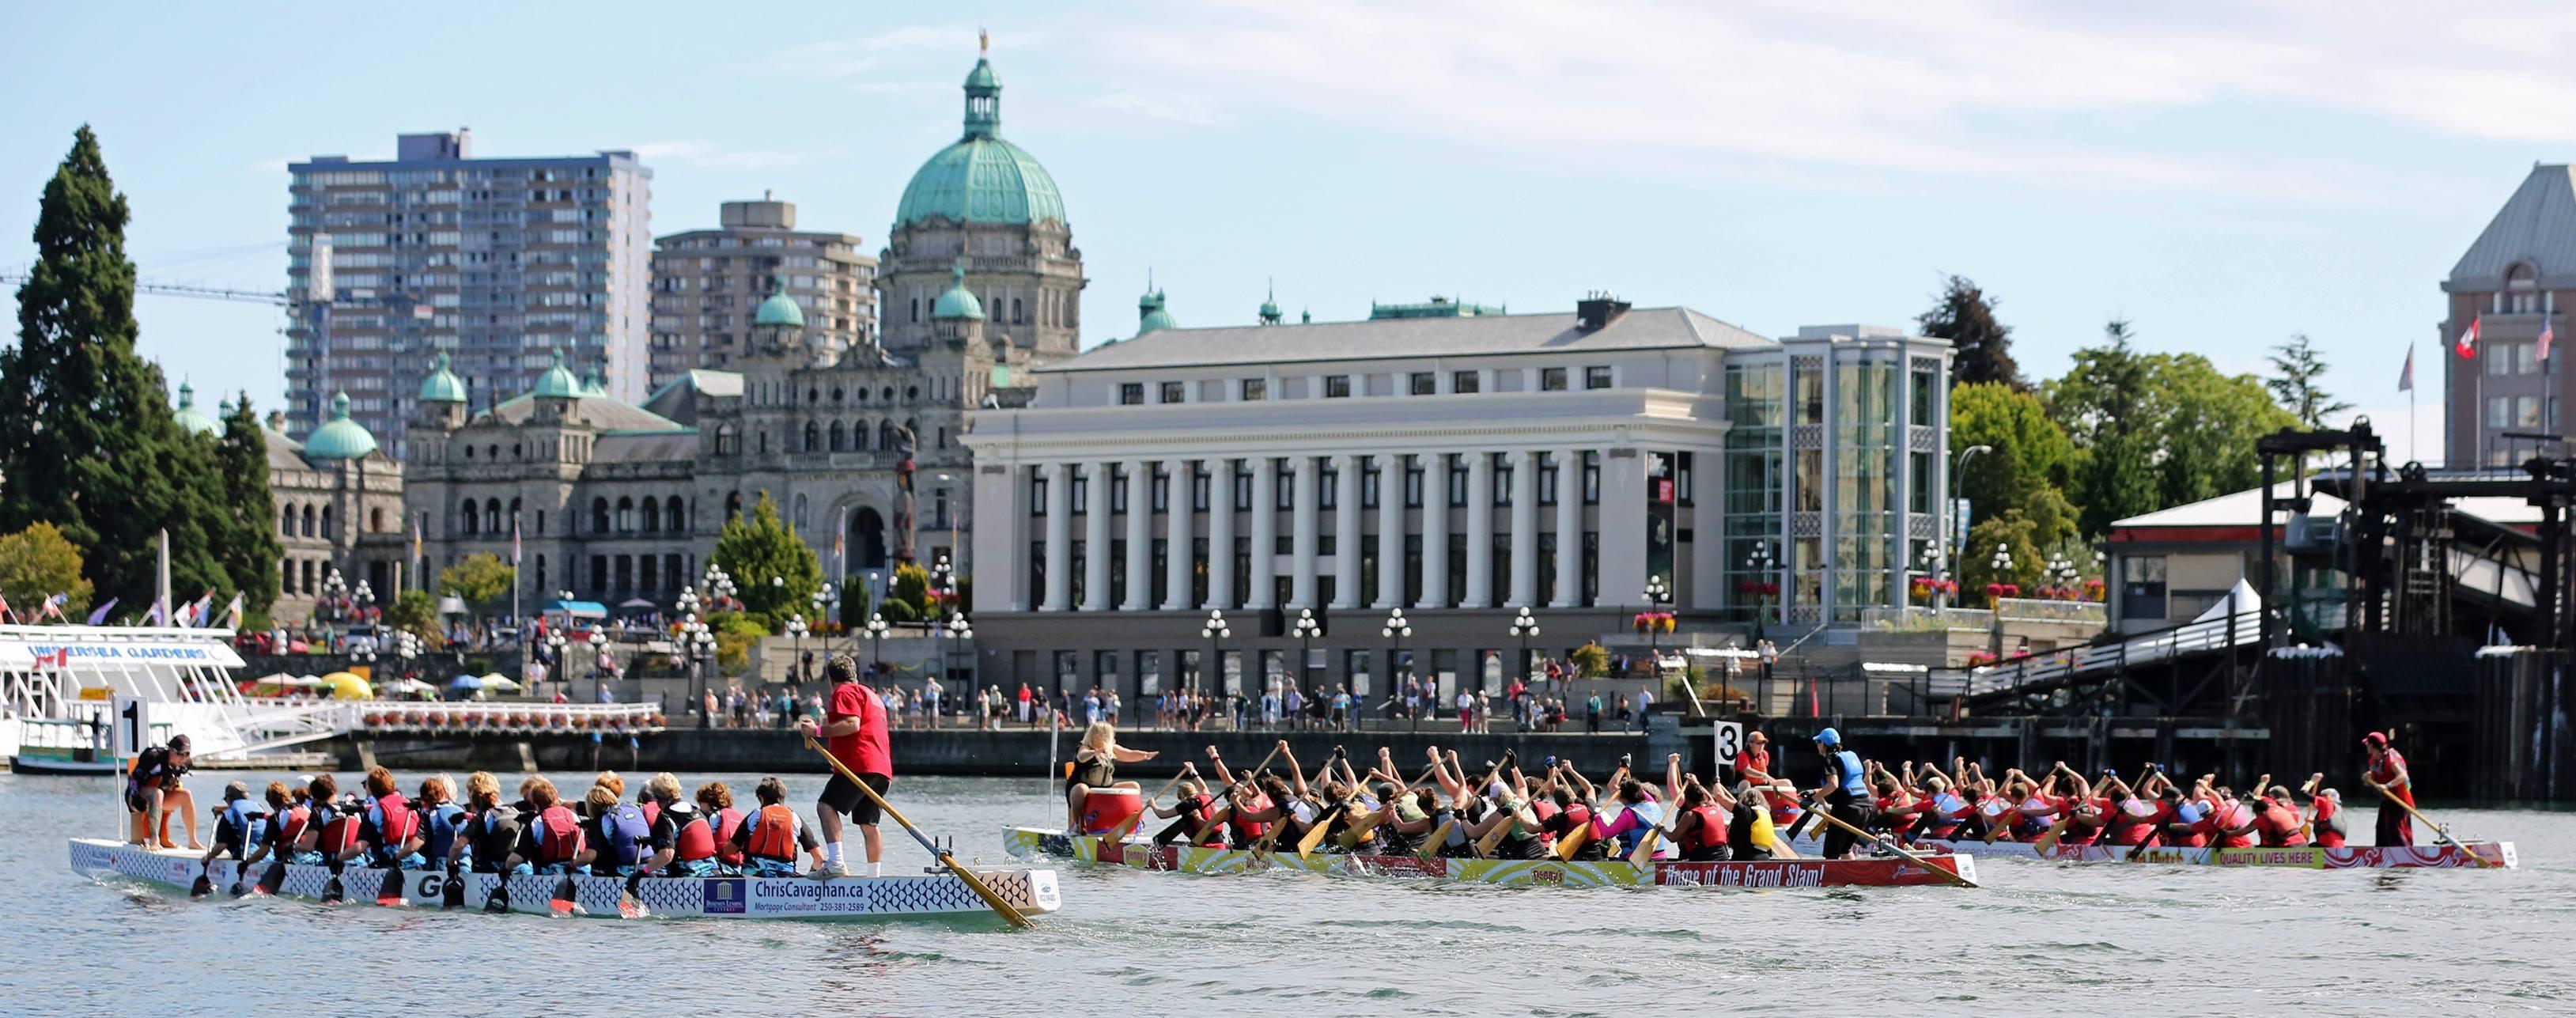 Rowing teams in the water